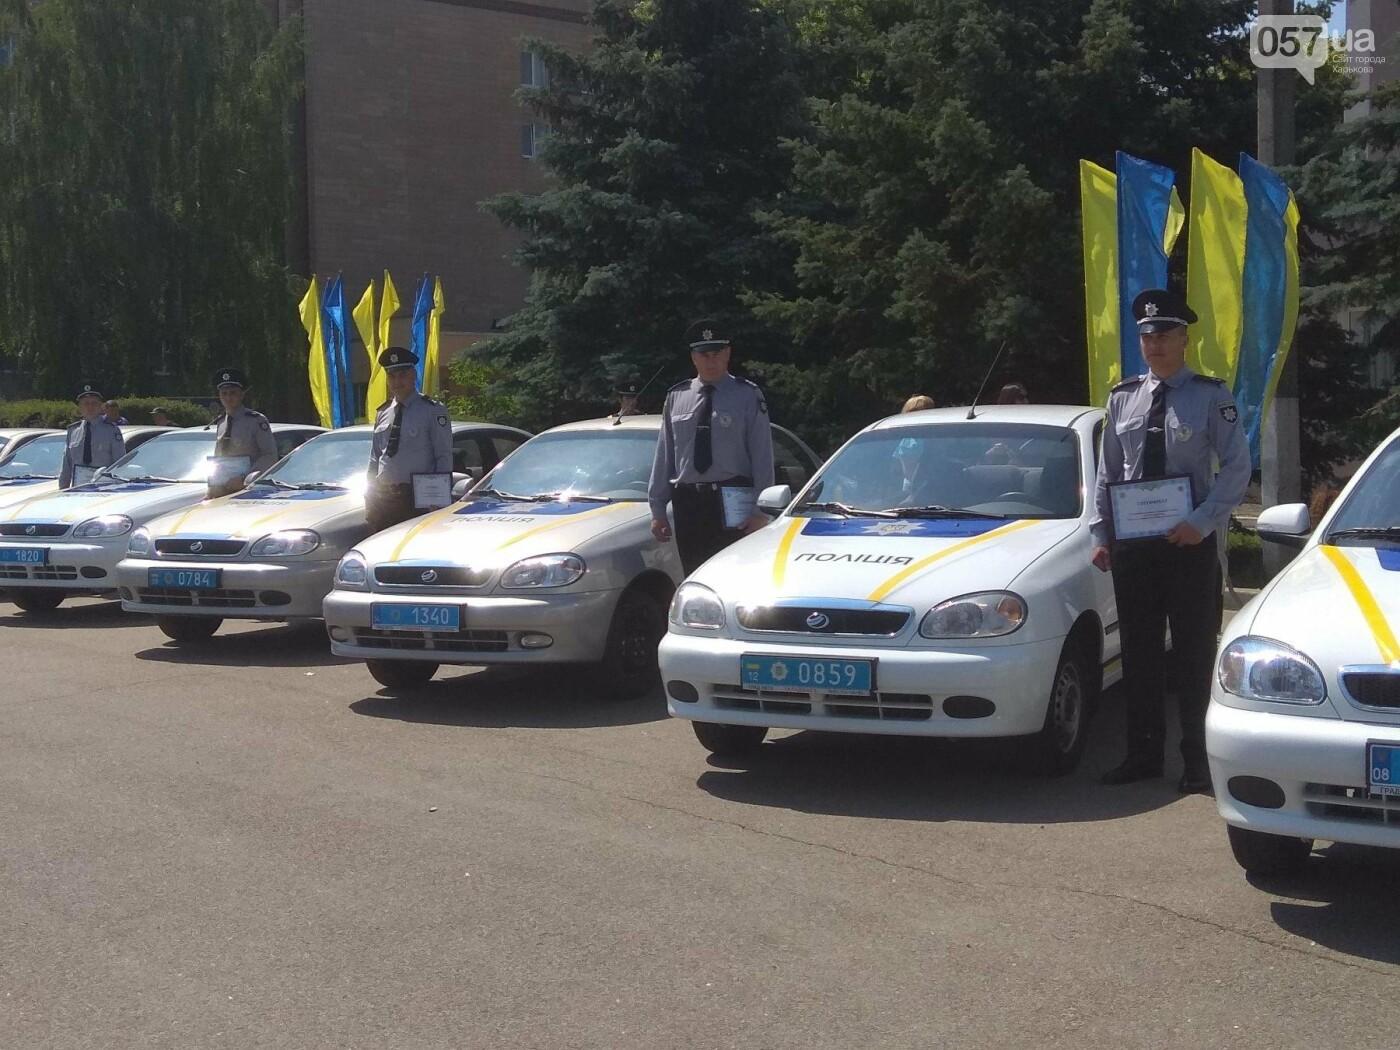 Аваков в Харькове. Украинские участковые получили новые автомобили, - ФОТО, фото-11